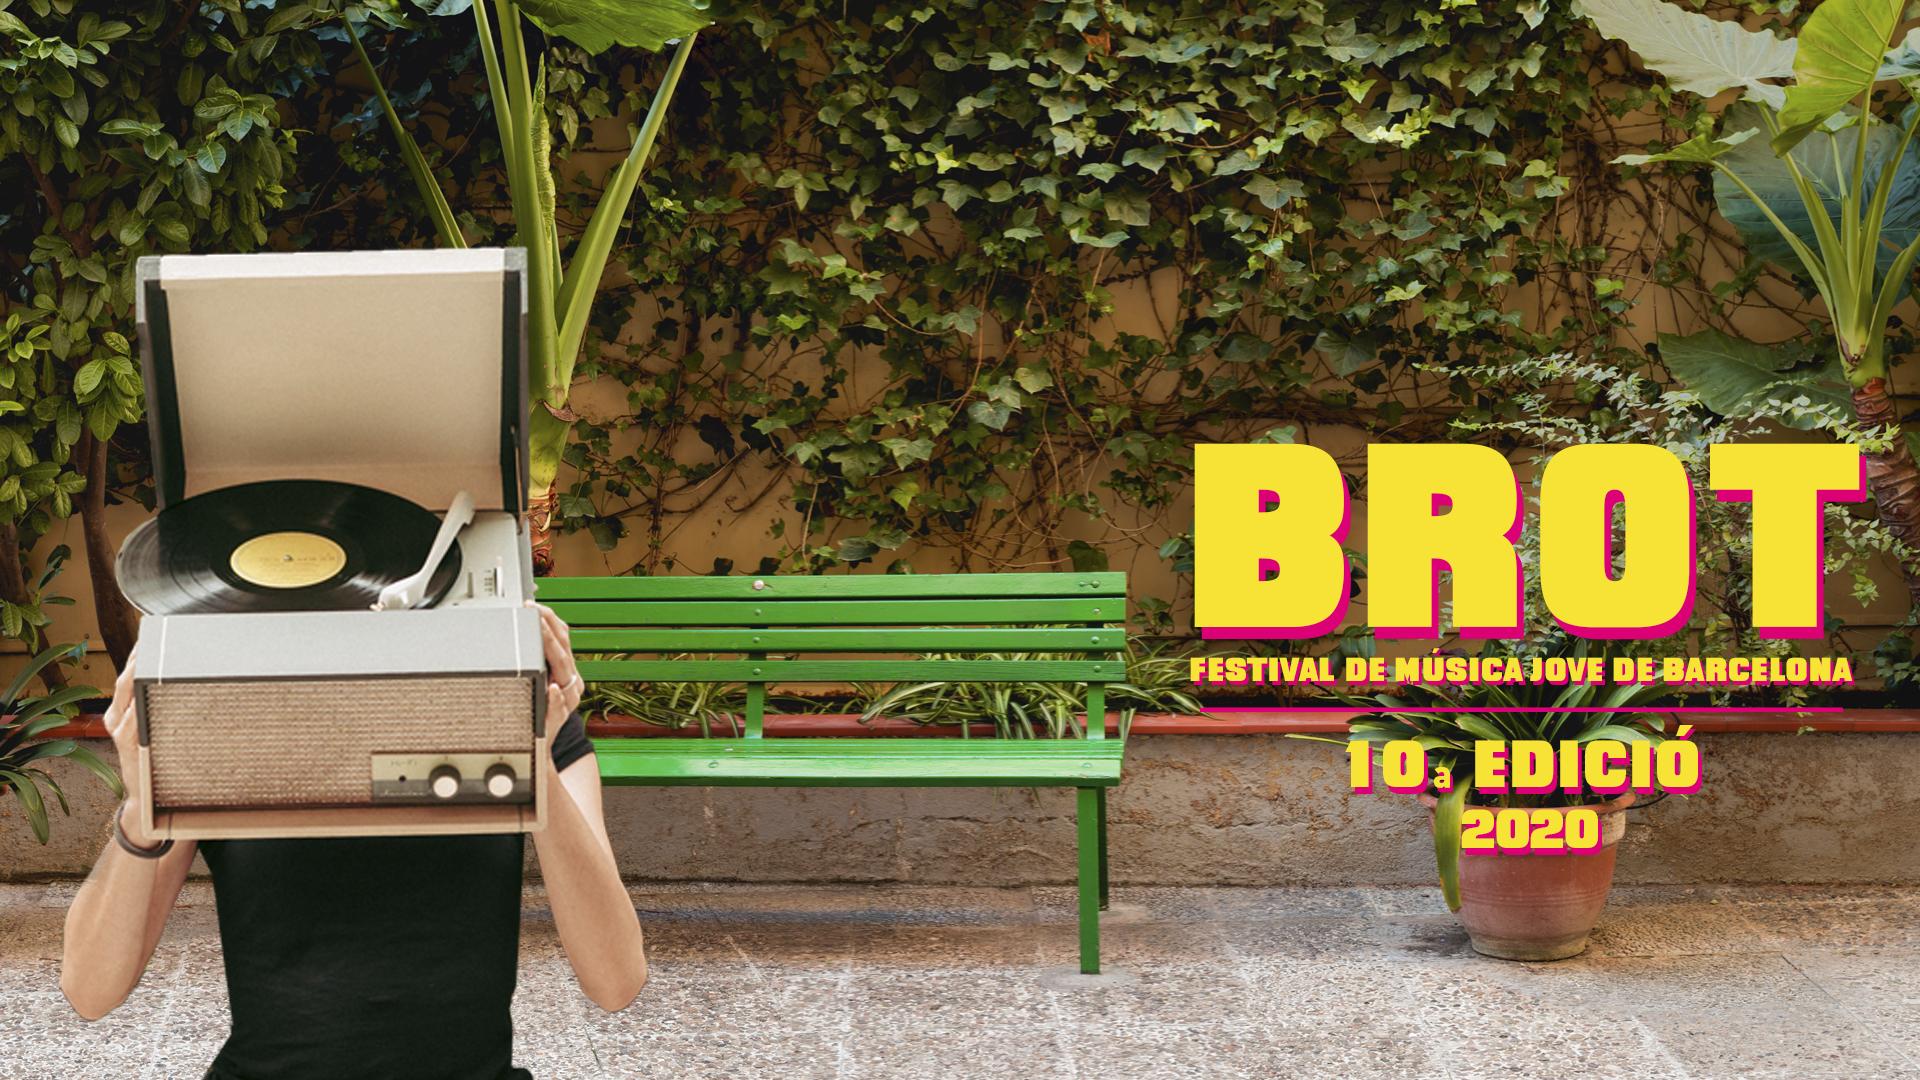 Cartel promocional diseñado por Sergi Panizo Heredia, ganador del 4º Concurso de carteles de Festivales para Jóvenes